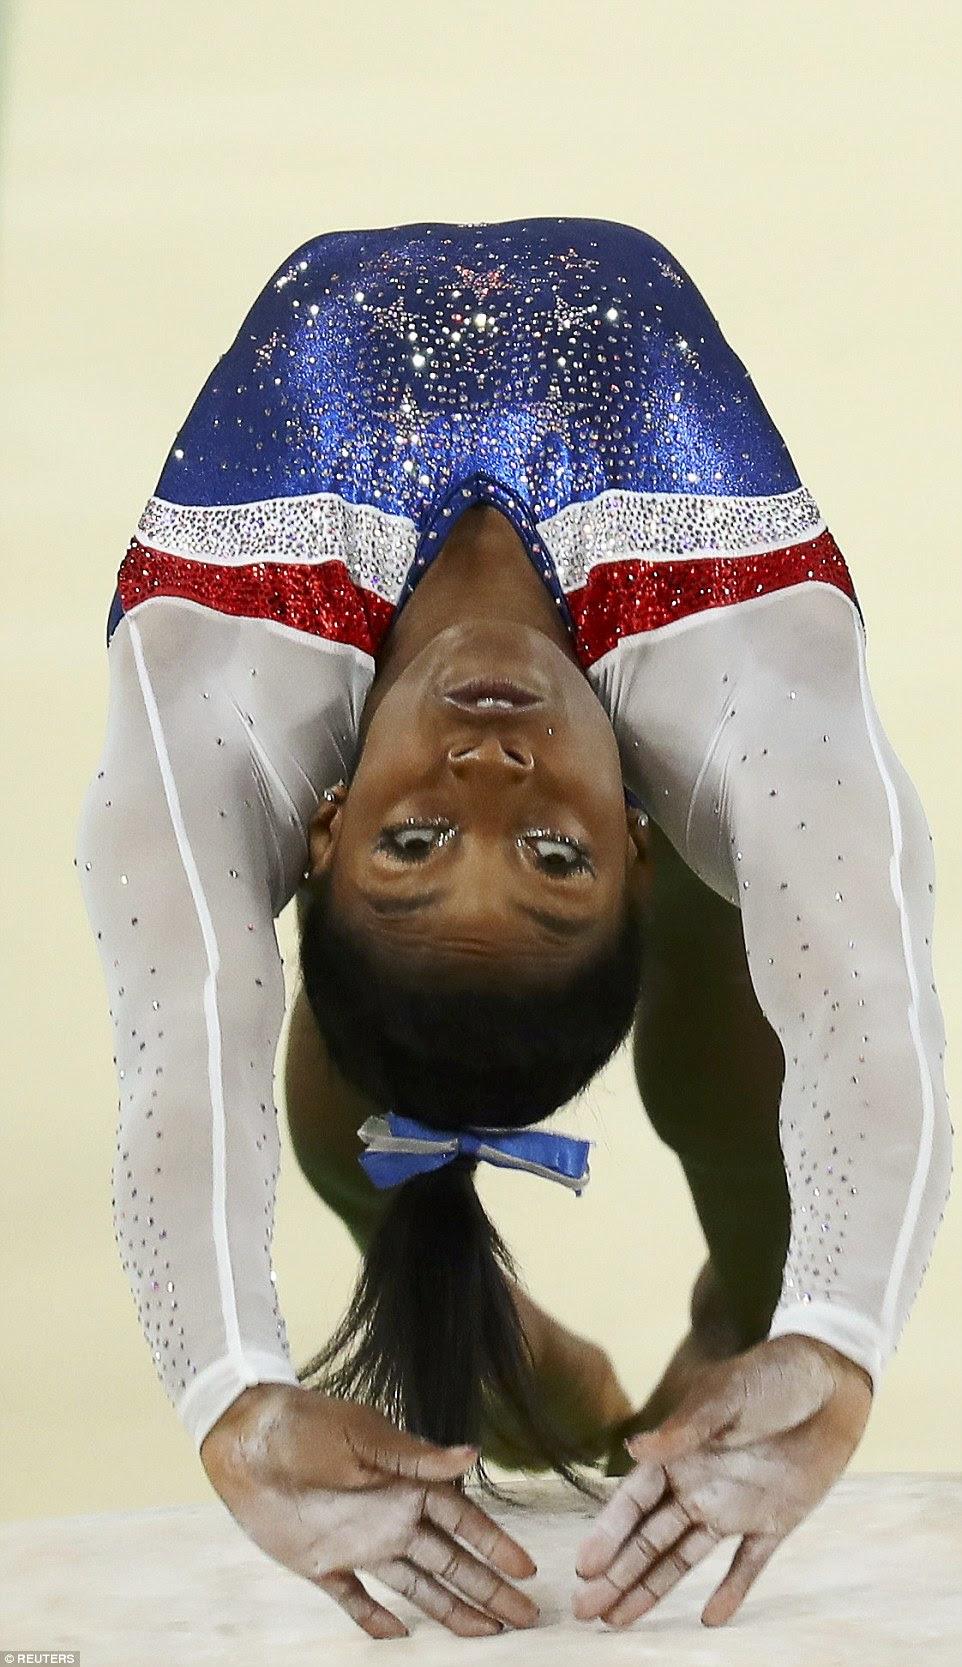 Simone Biles anunciou-se como uma estrela da ginástica com quatro medalhas de ouro, incluindo em toda a volta das mulheres